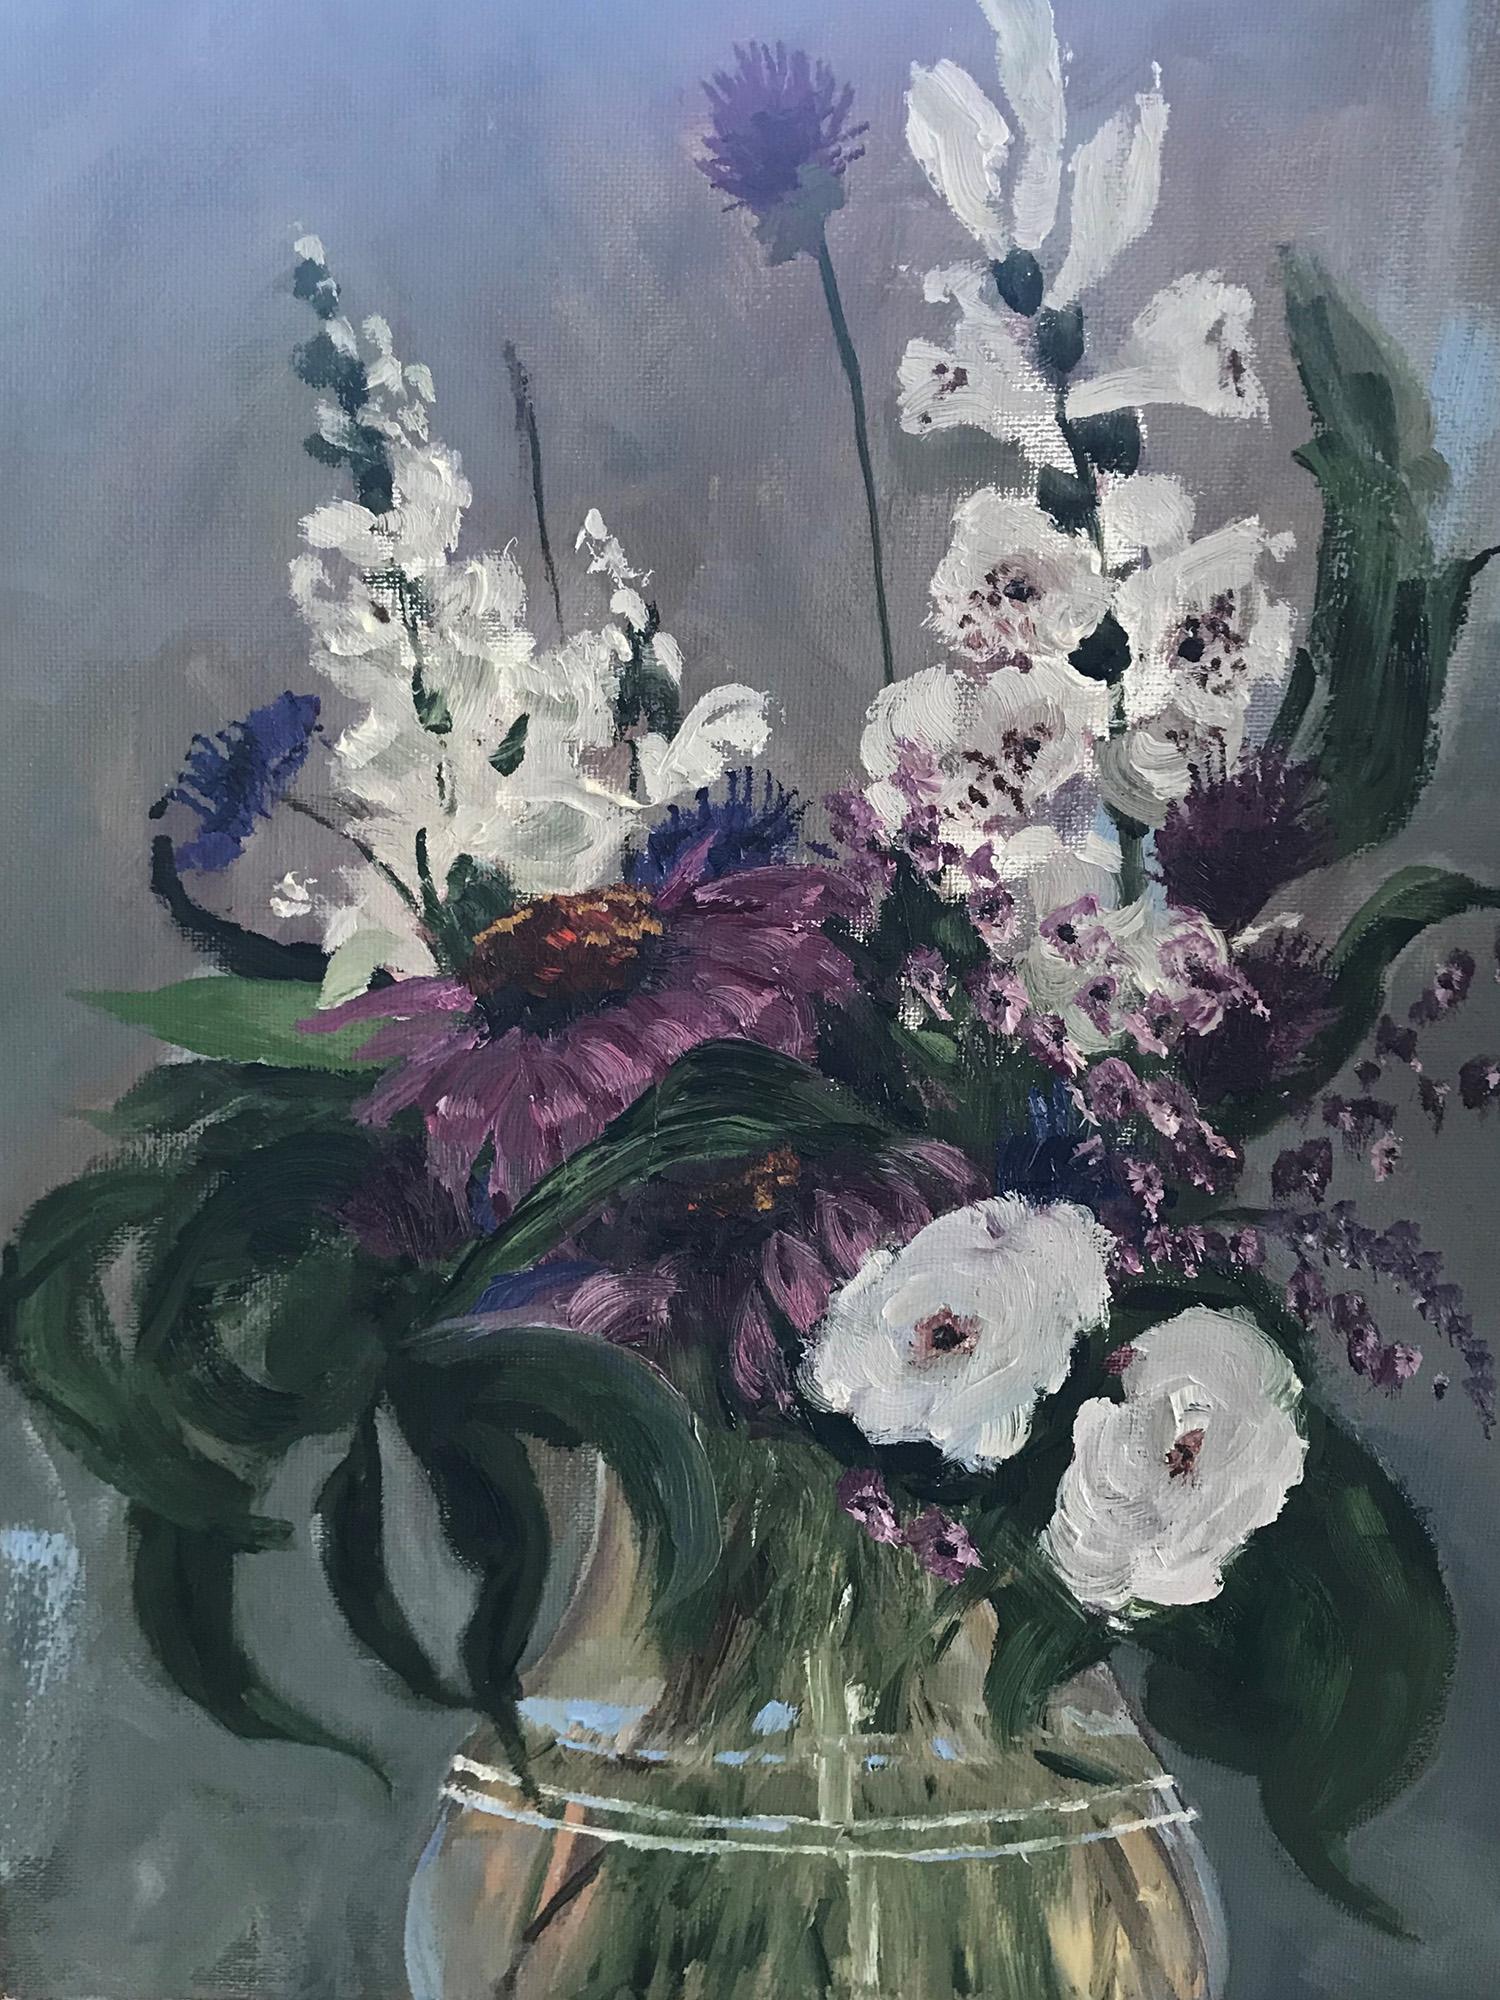 Oil Painting of Flower Vase